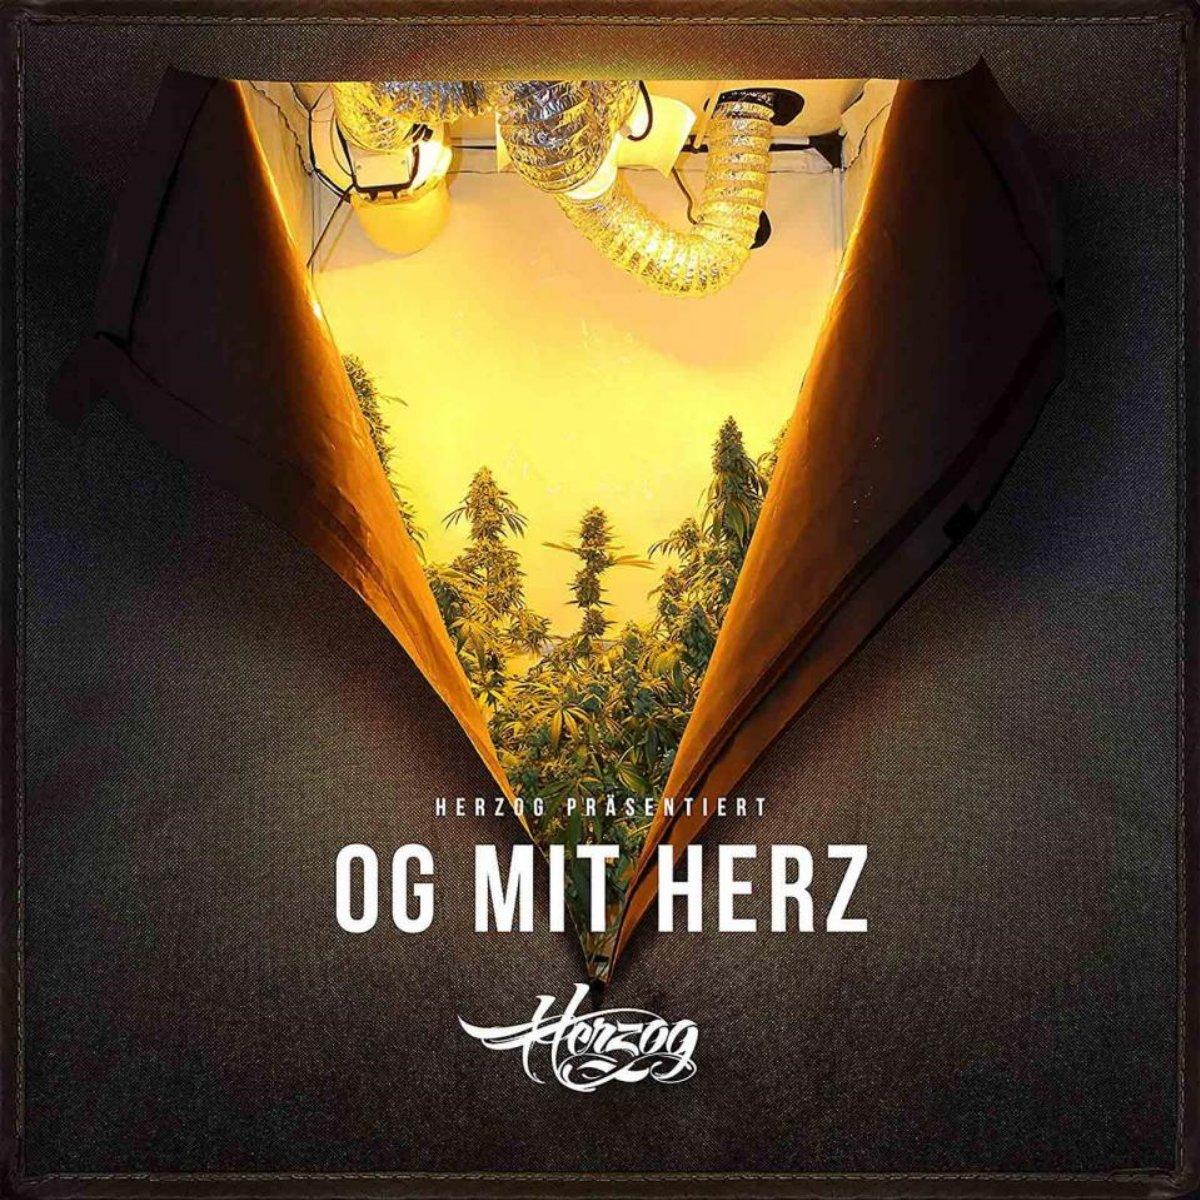 Herzog - OG mit Herz - Review